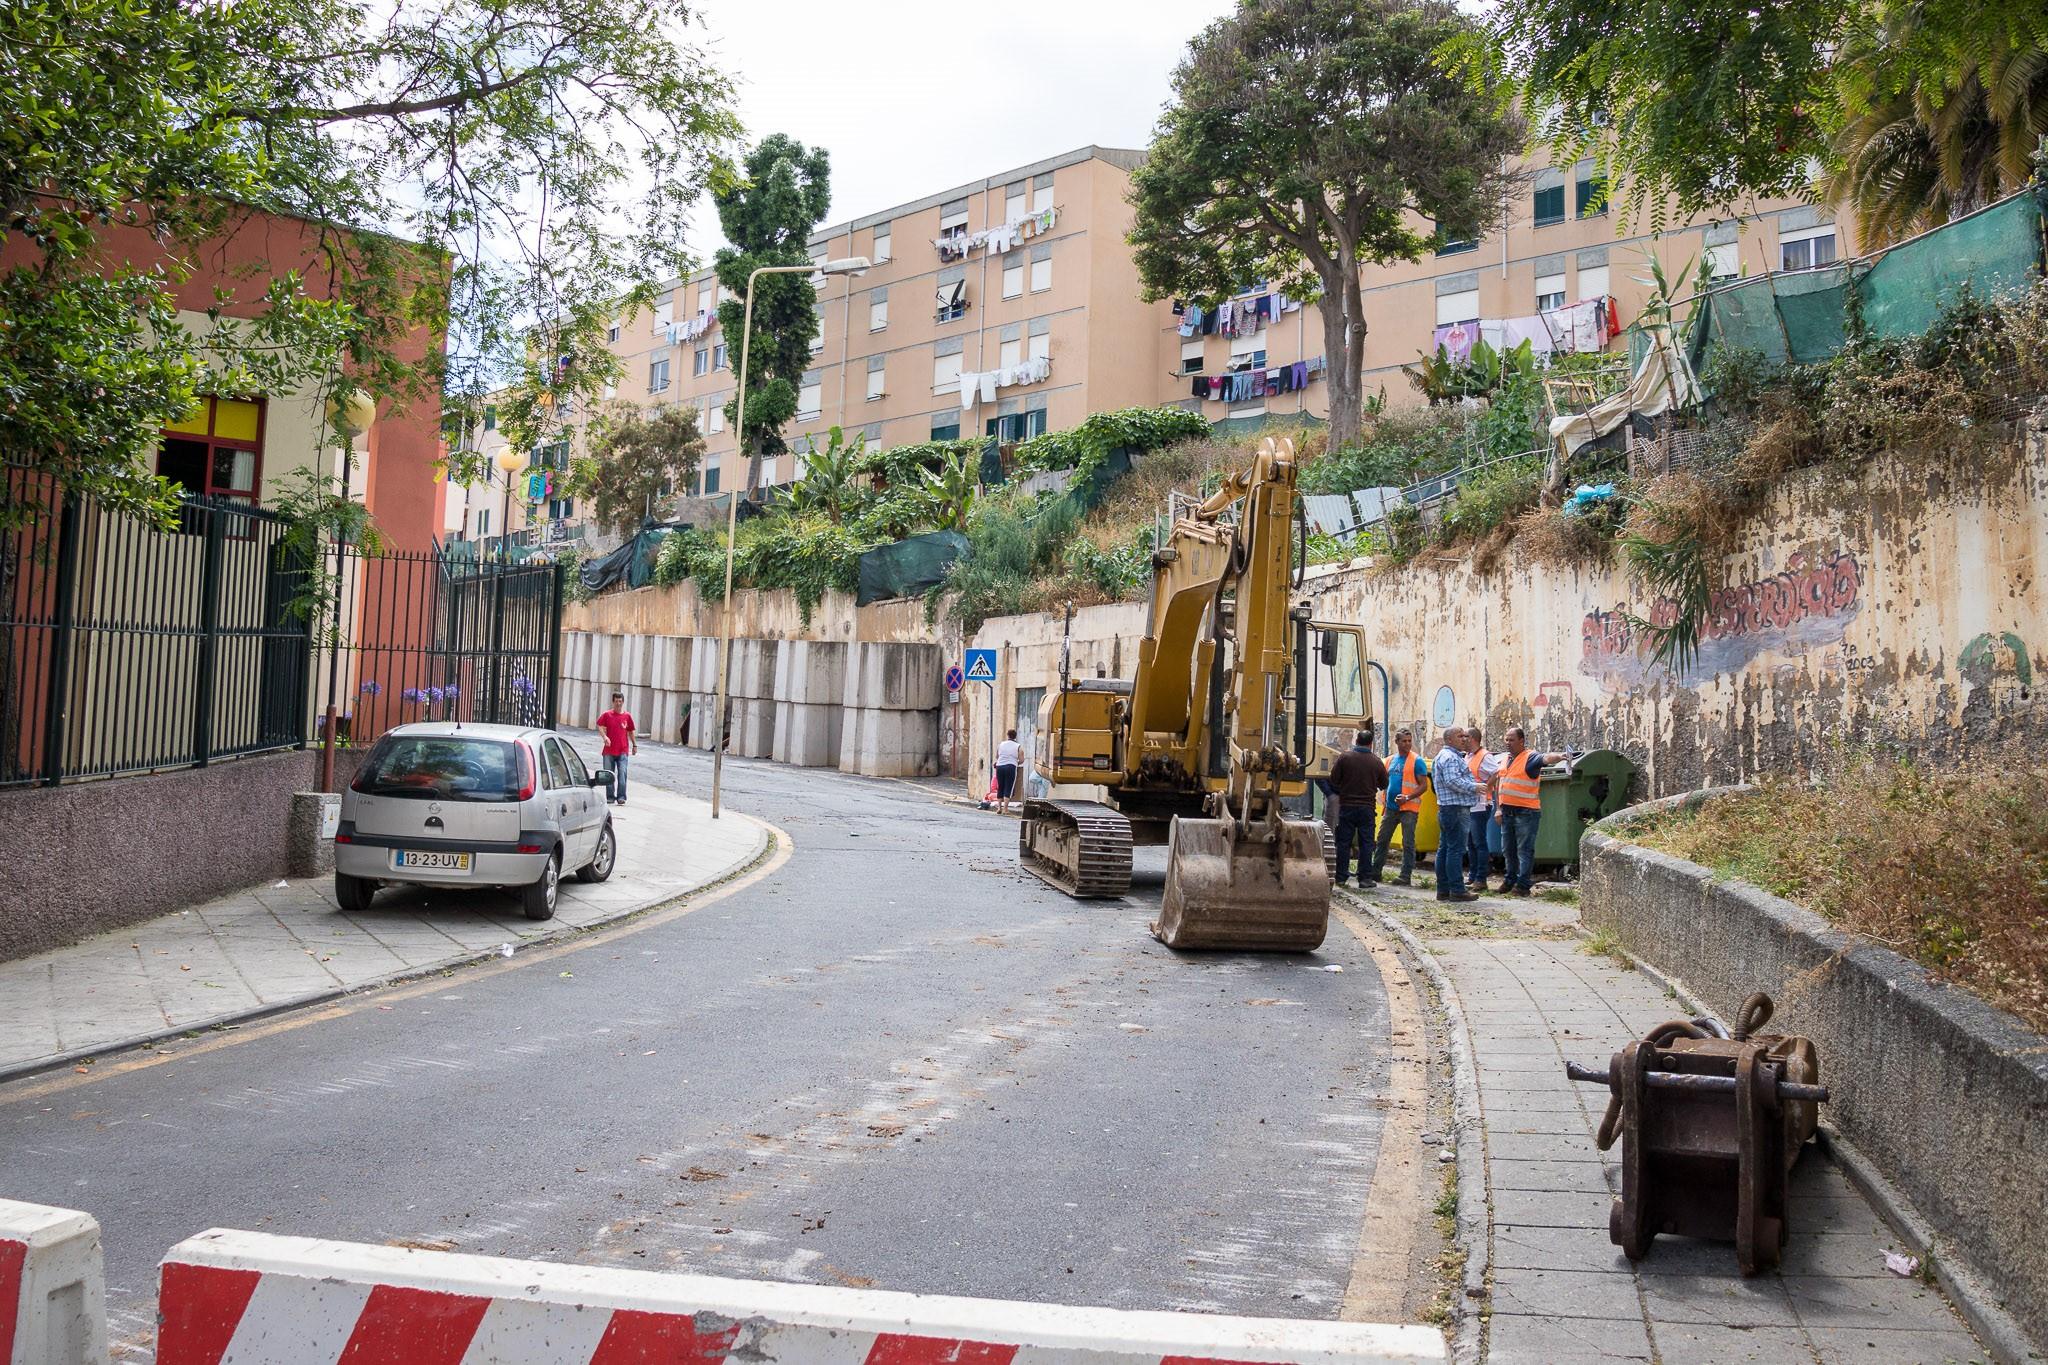 Governo avança com requalificação do Bairro da Palmeira